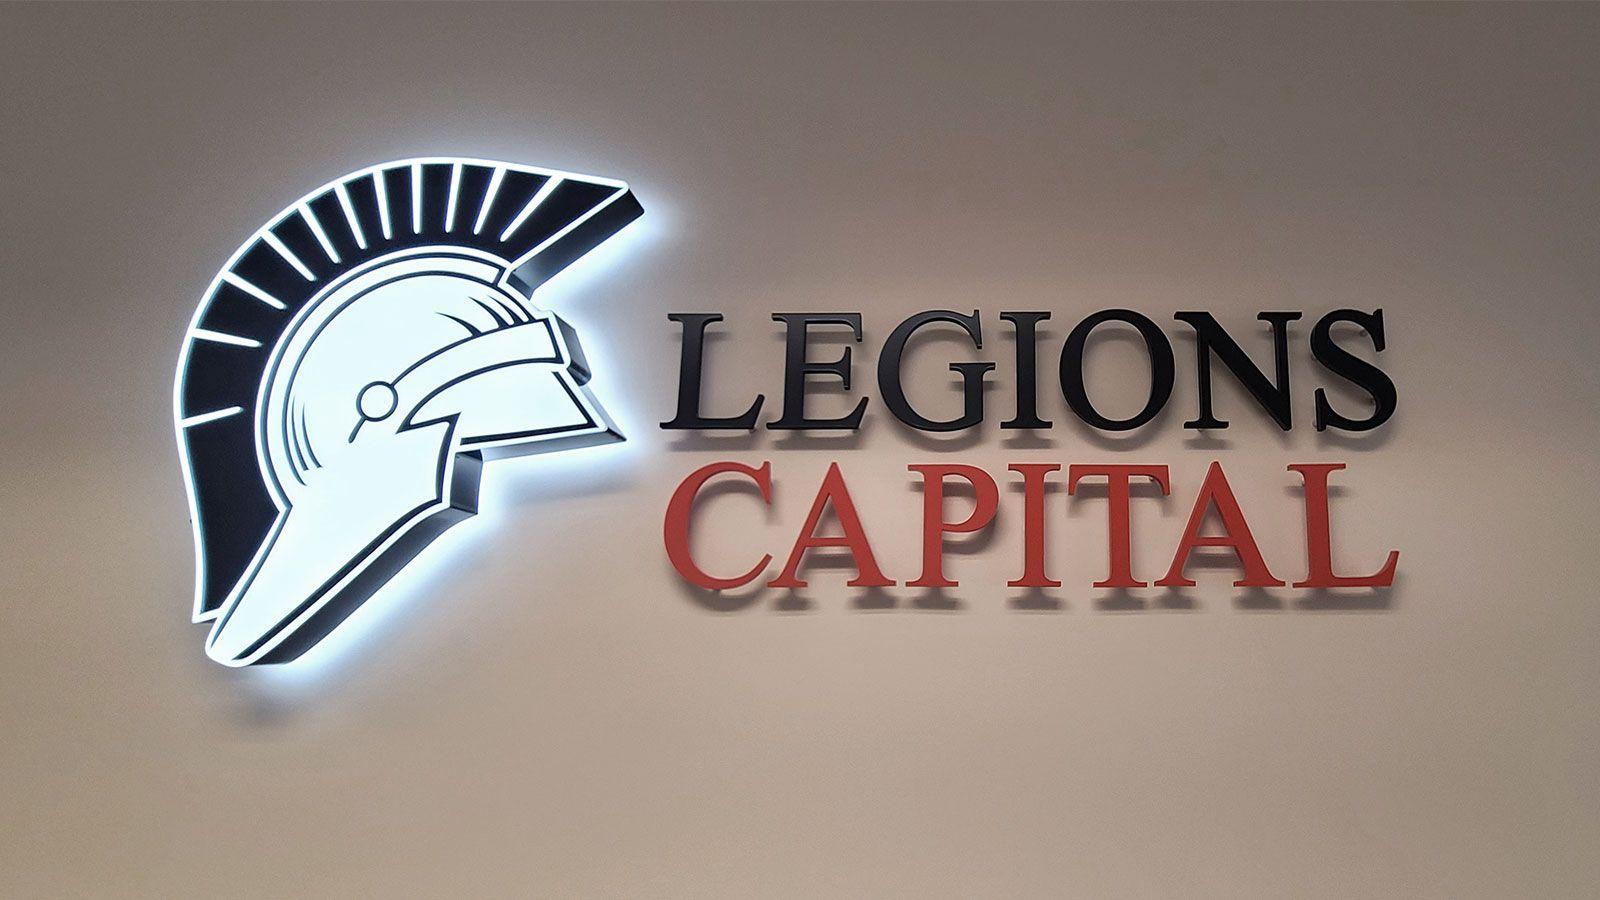 legions capital 3d sign